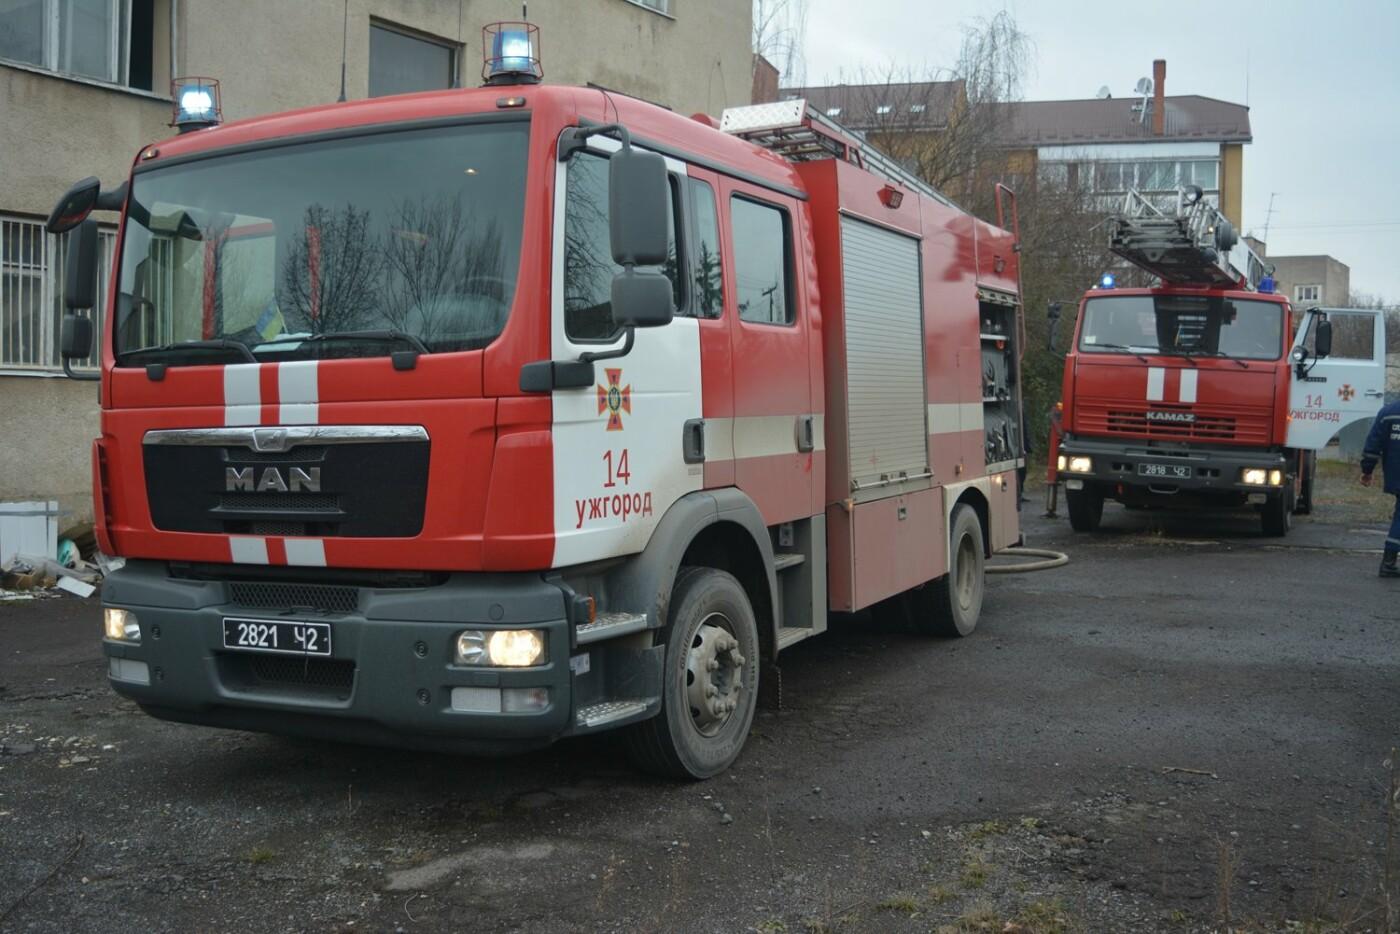 В Ужгороді - пожежа в готелі на Собранецькій: 42-х людей евакуйовано, ще одного врятували від смерті (ФОТО, ВІДЕО), фото-1